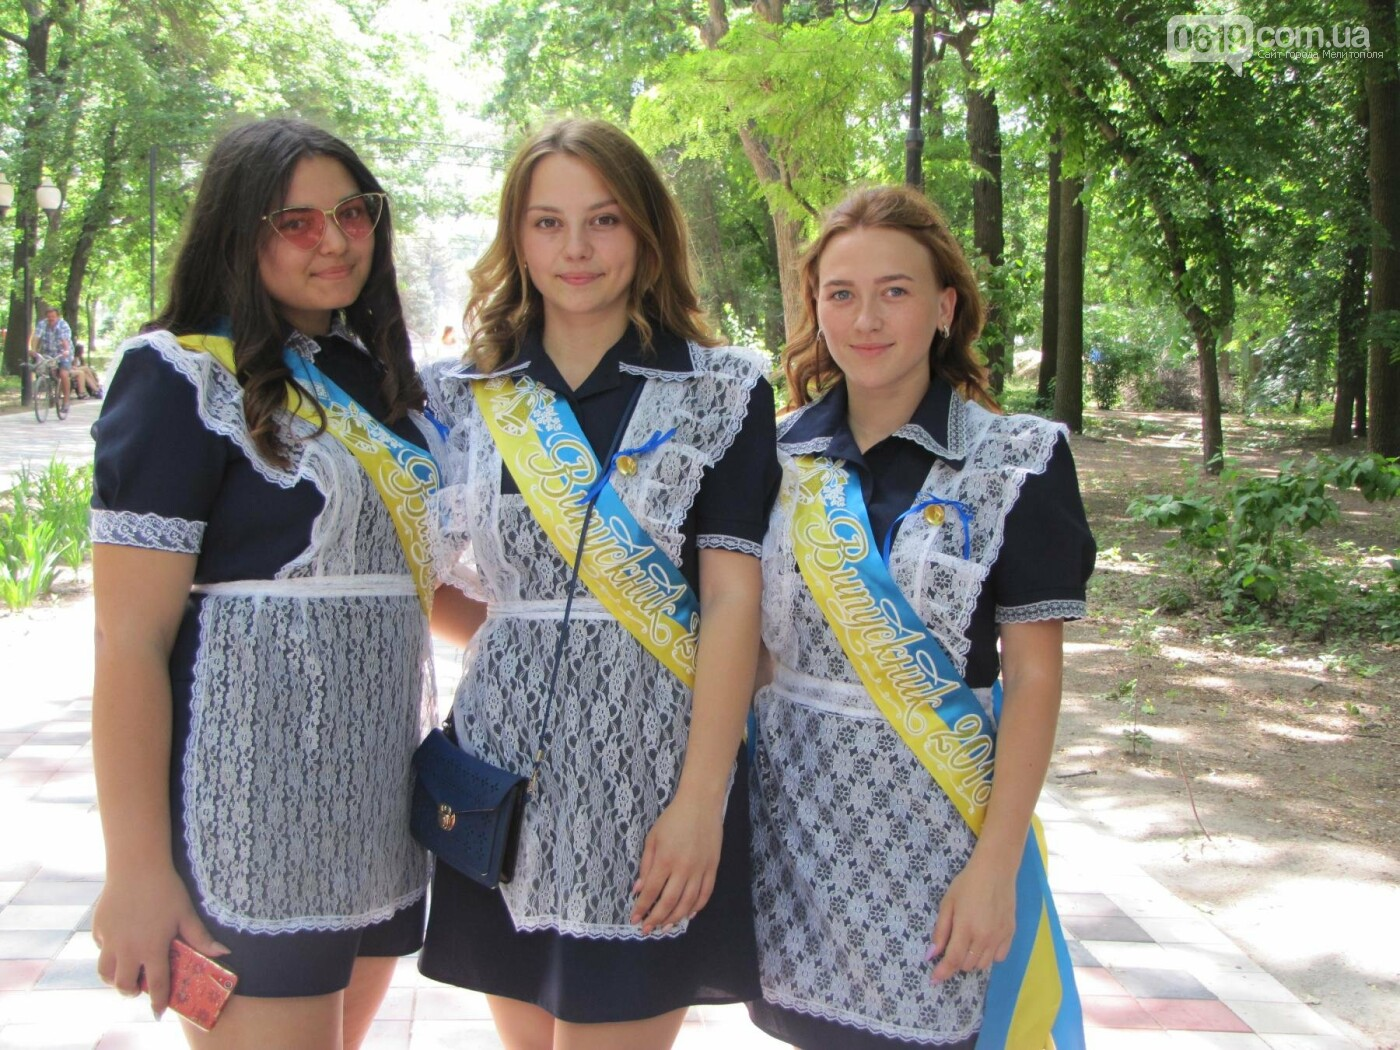 Мелитопольские выпускники не придерживаются единого стиля в нарядах, фото-11